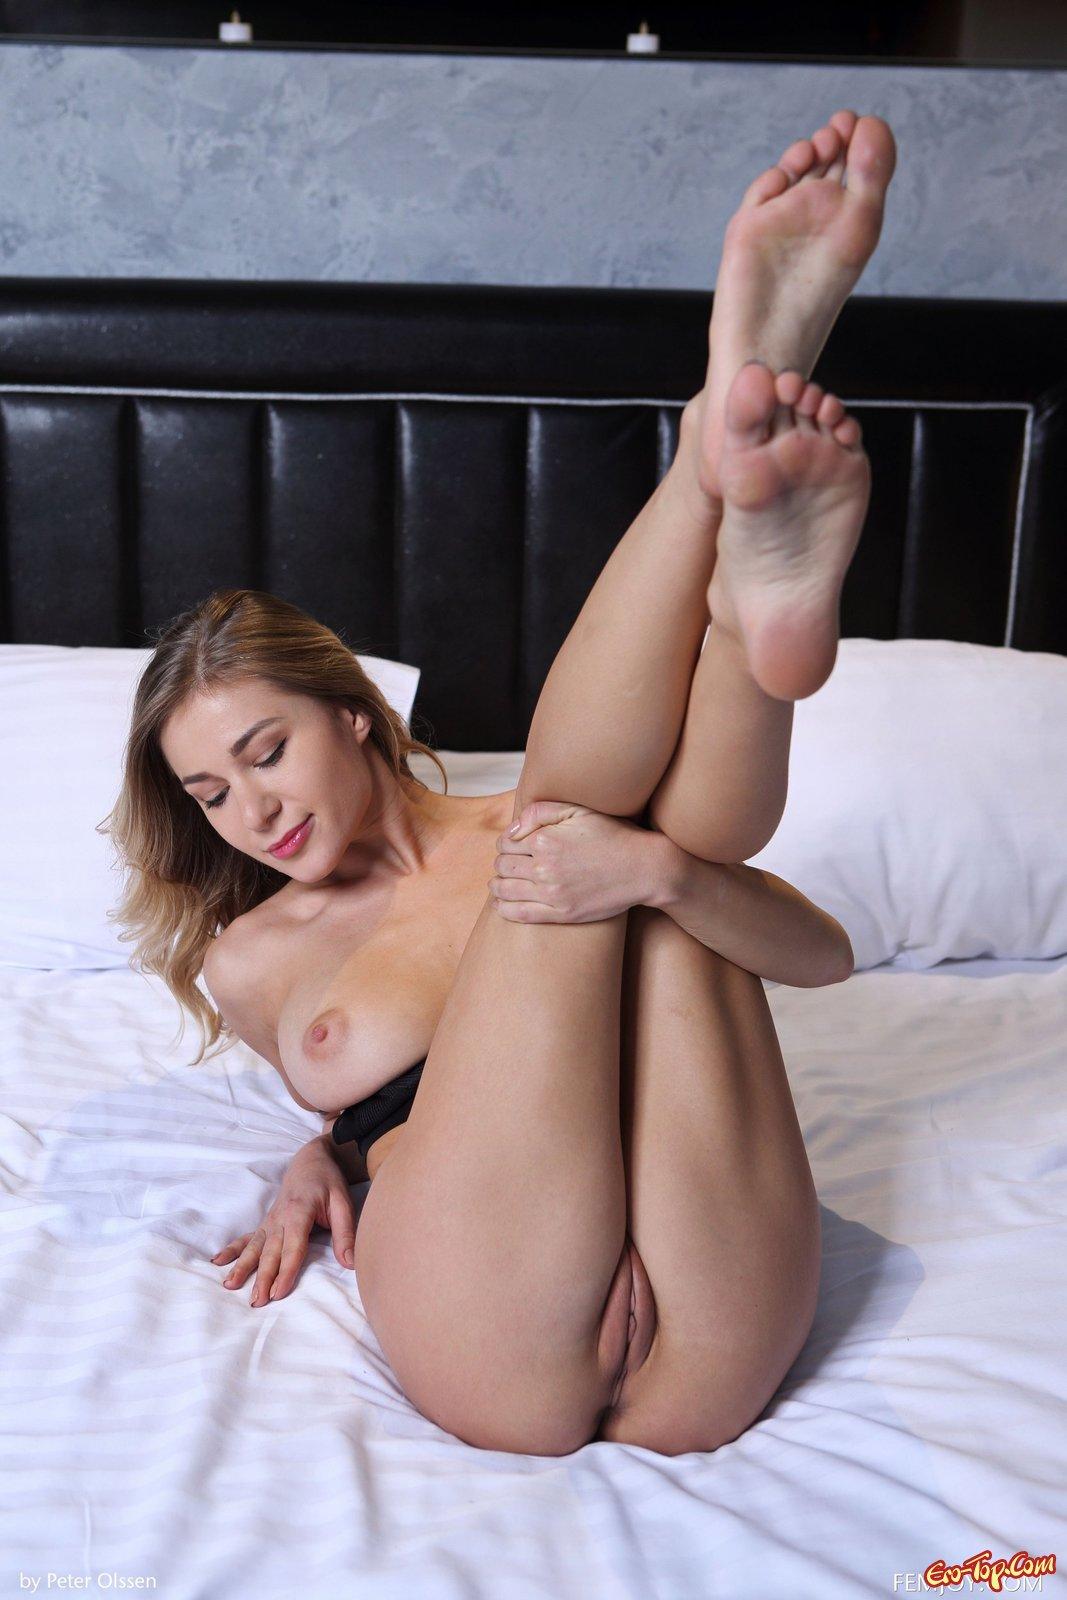 Обалденная девушка с голым телом на кровати